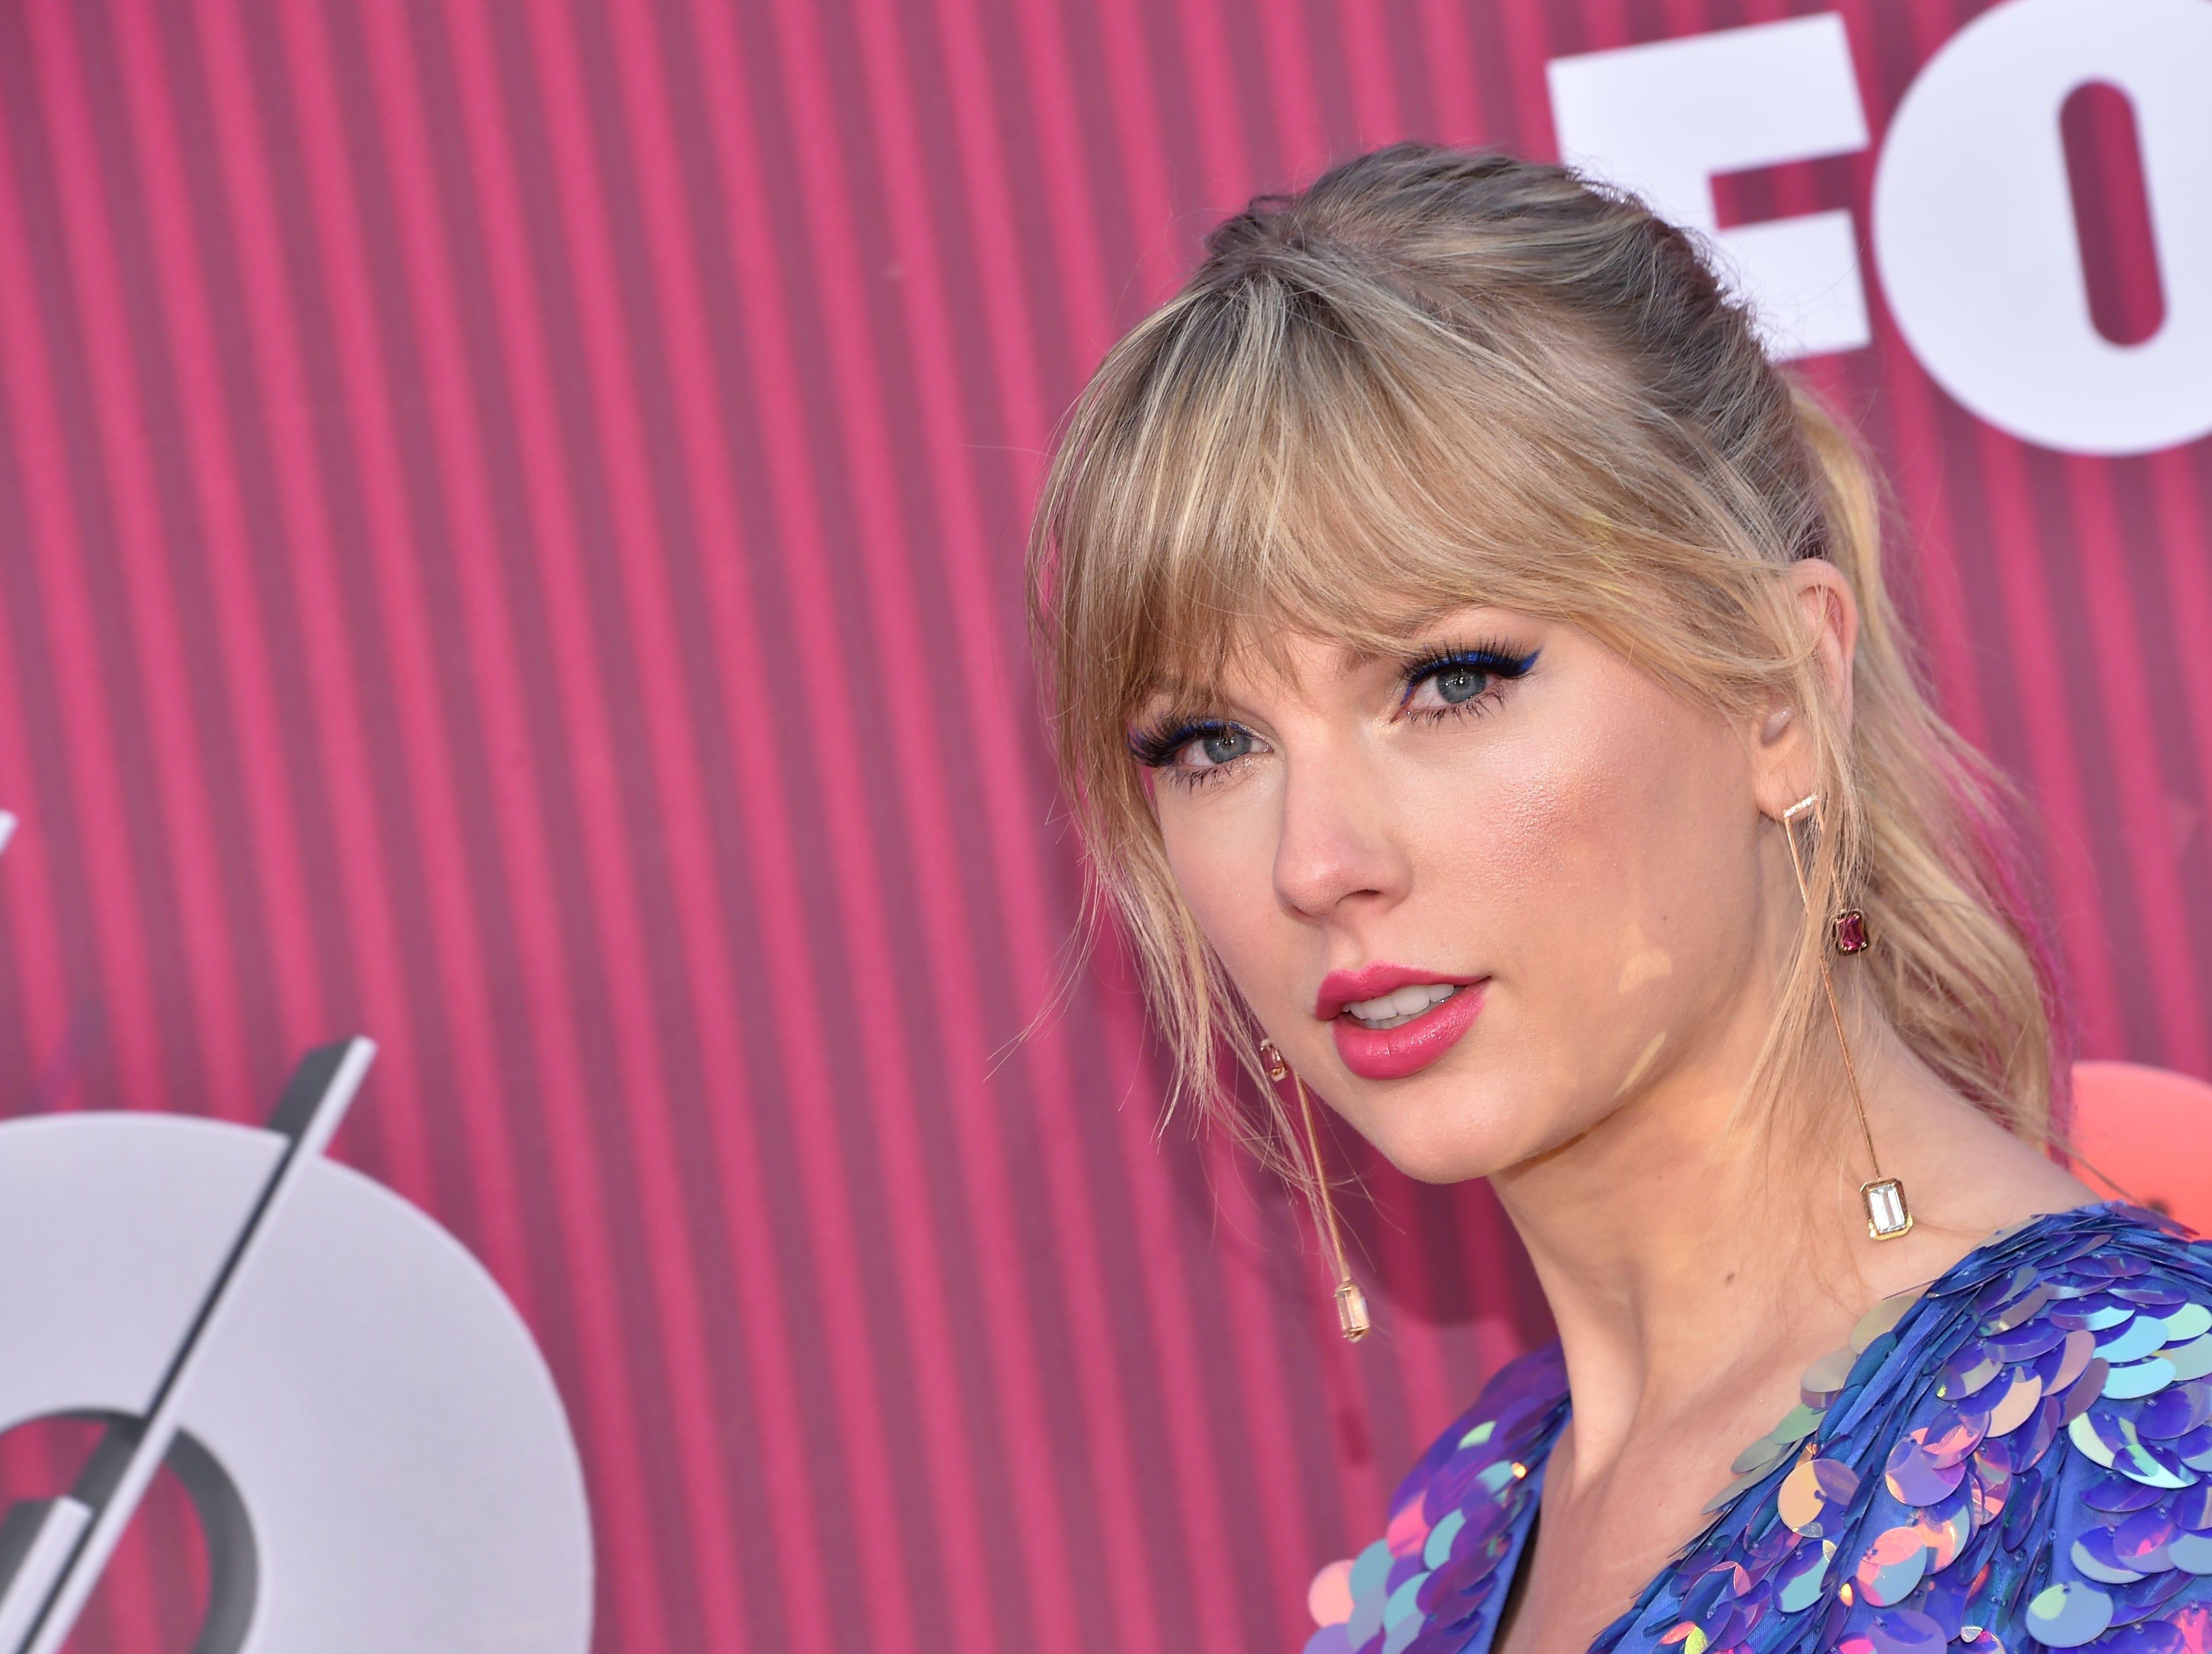 La cantante estadounidense Taylor Swift a su llegada a los premios iHeart Radio Music Awards en 2019 el 14 de marzo de 2019 en Los Angeles, California.